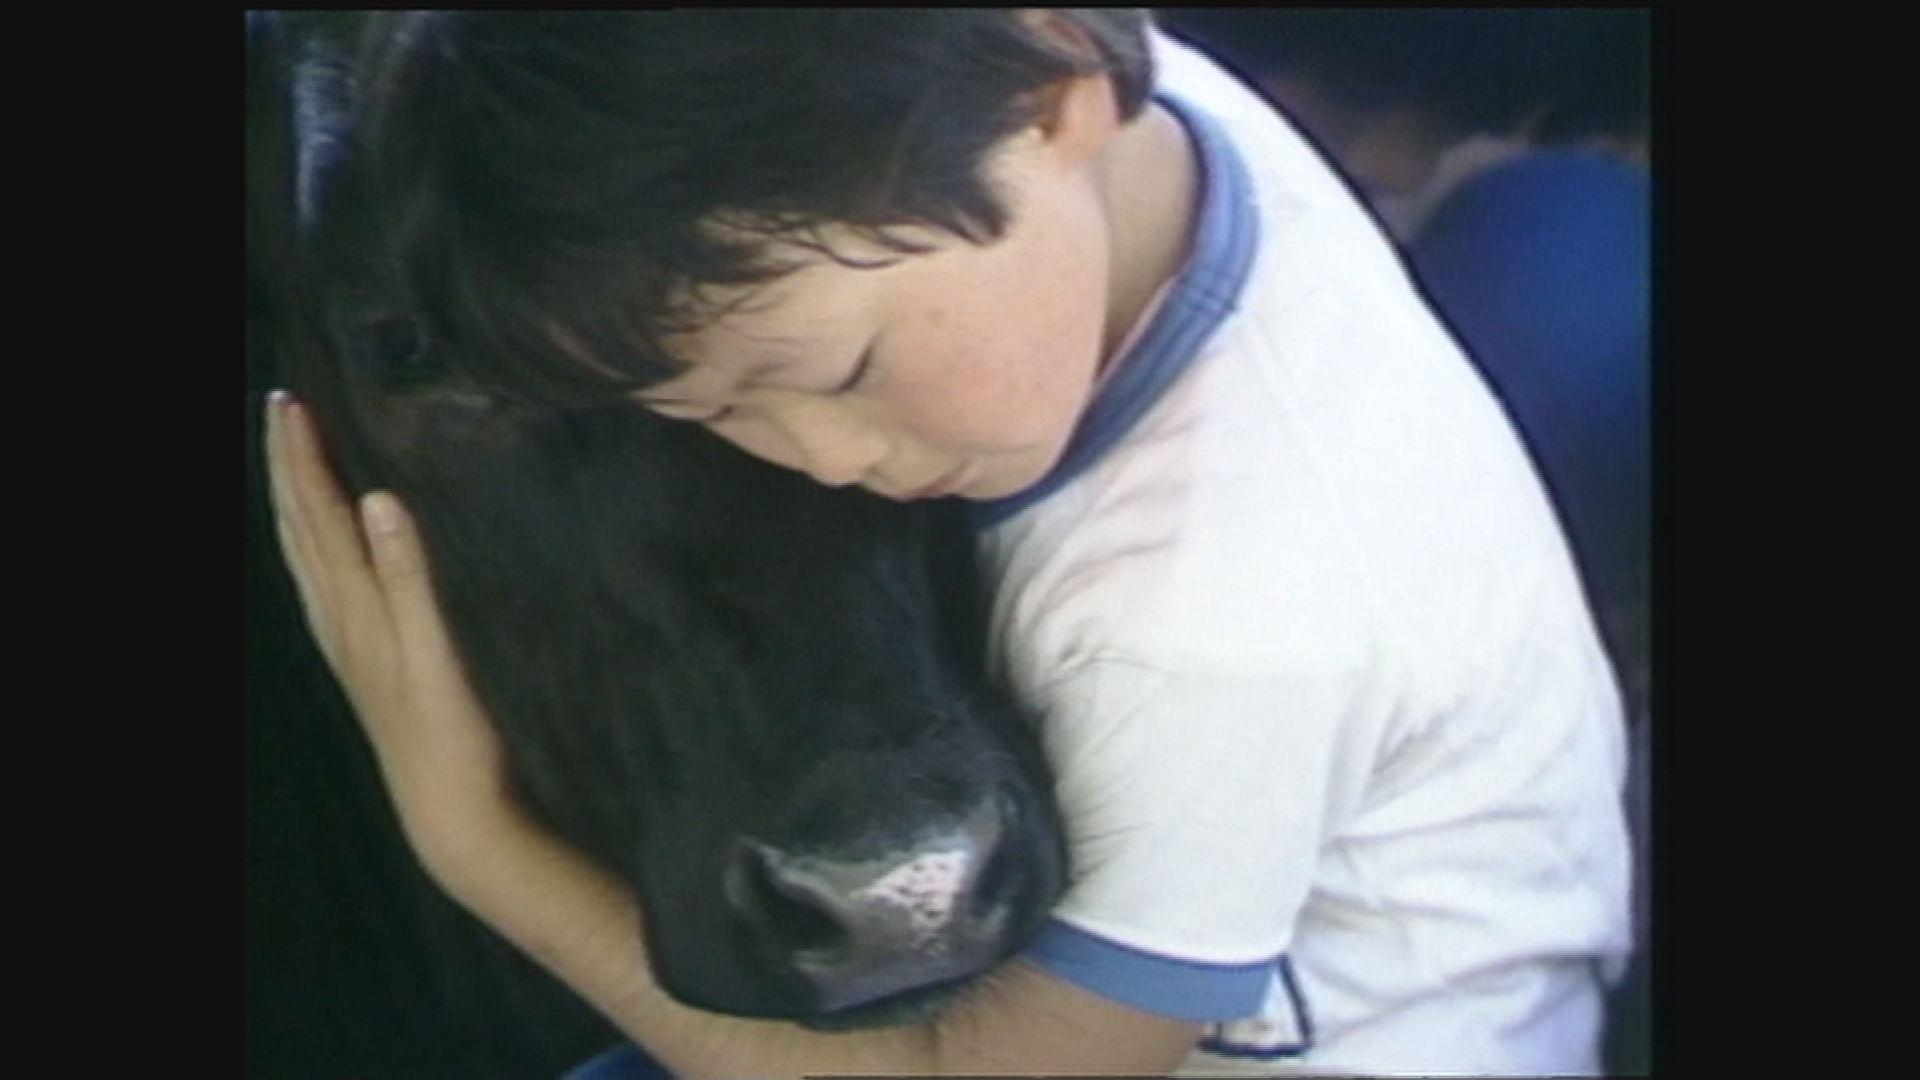 【開催終了】「夢は牛のお医者さん」上映記念。第10回シネマワークショップ